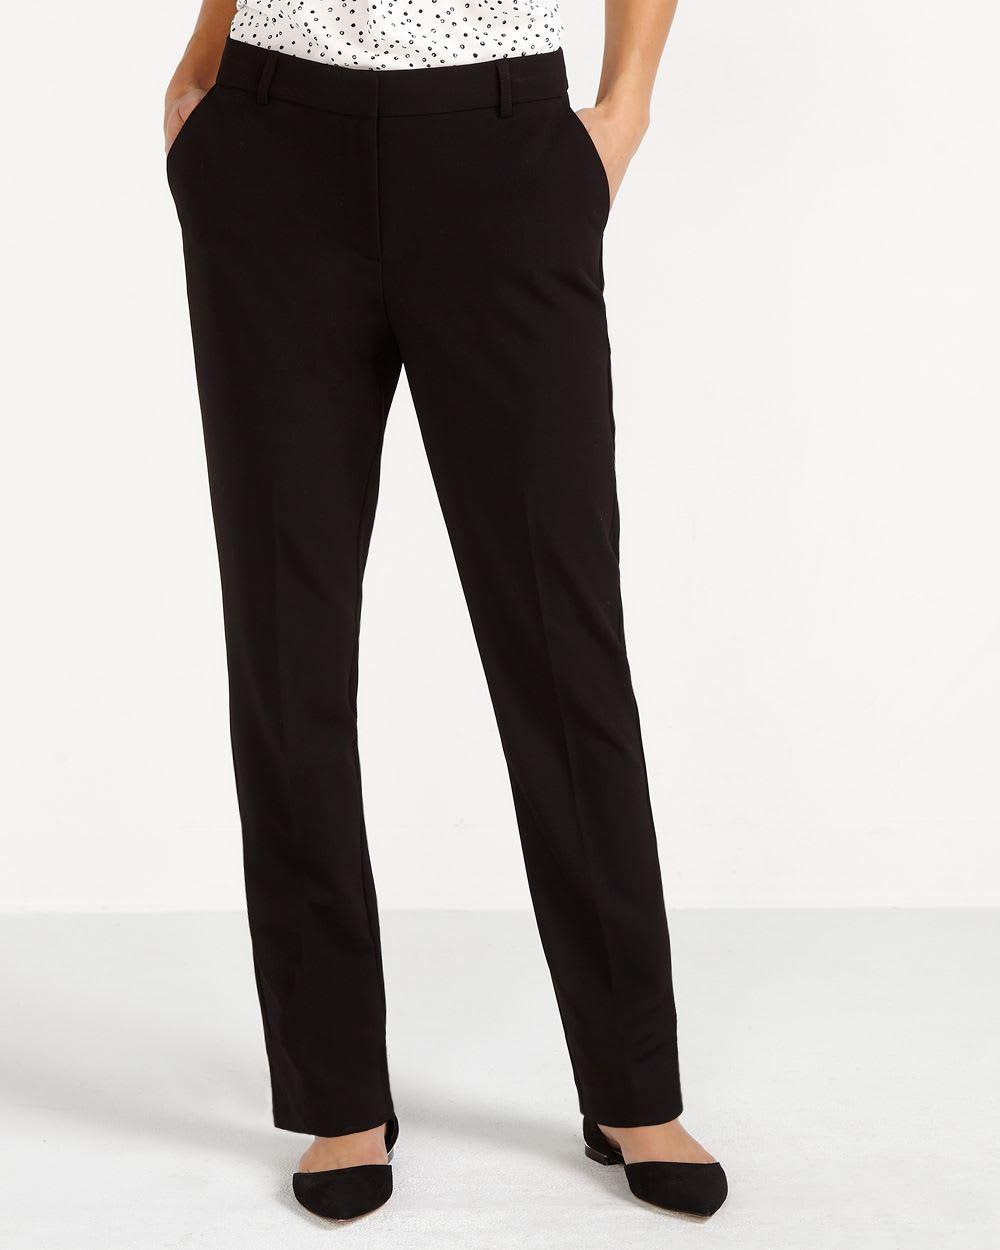 pantalon taille haute le nouveau classique petites. Black Bedroom Furniture Sets. Home Design Ideas